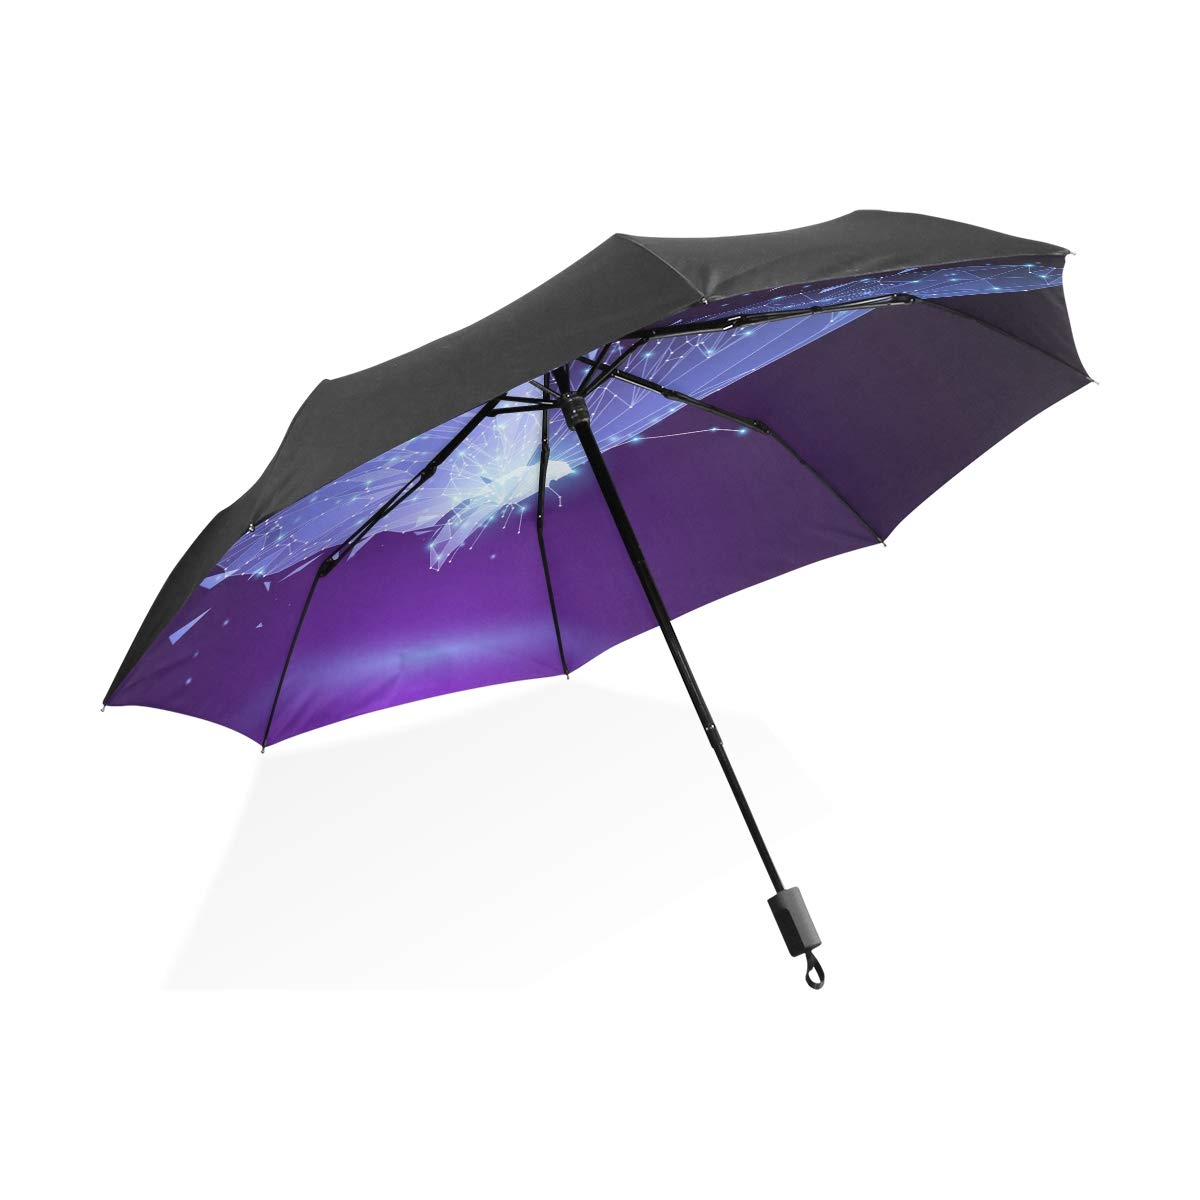 OREZI パープル バタフライ 自動 防風 防水 傘 ポータブル 旅行 傘 折りたたみ傘 強化 防風フレーム コンパクト 傘 レディース メンズ B07JNNX5QM